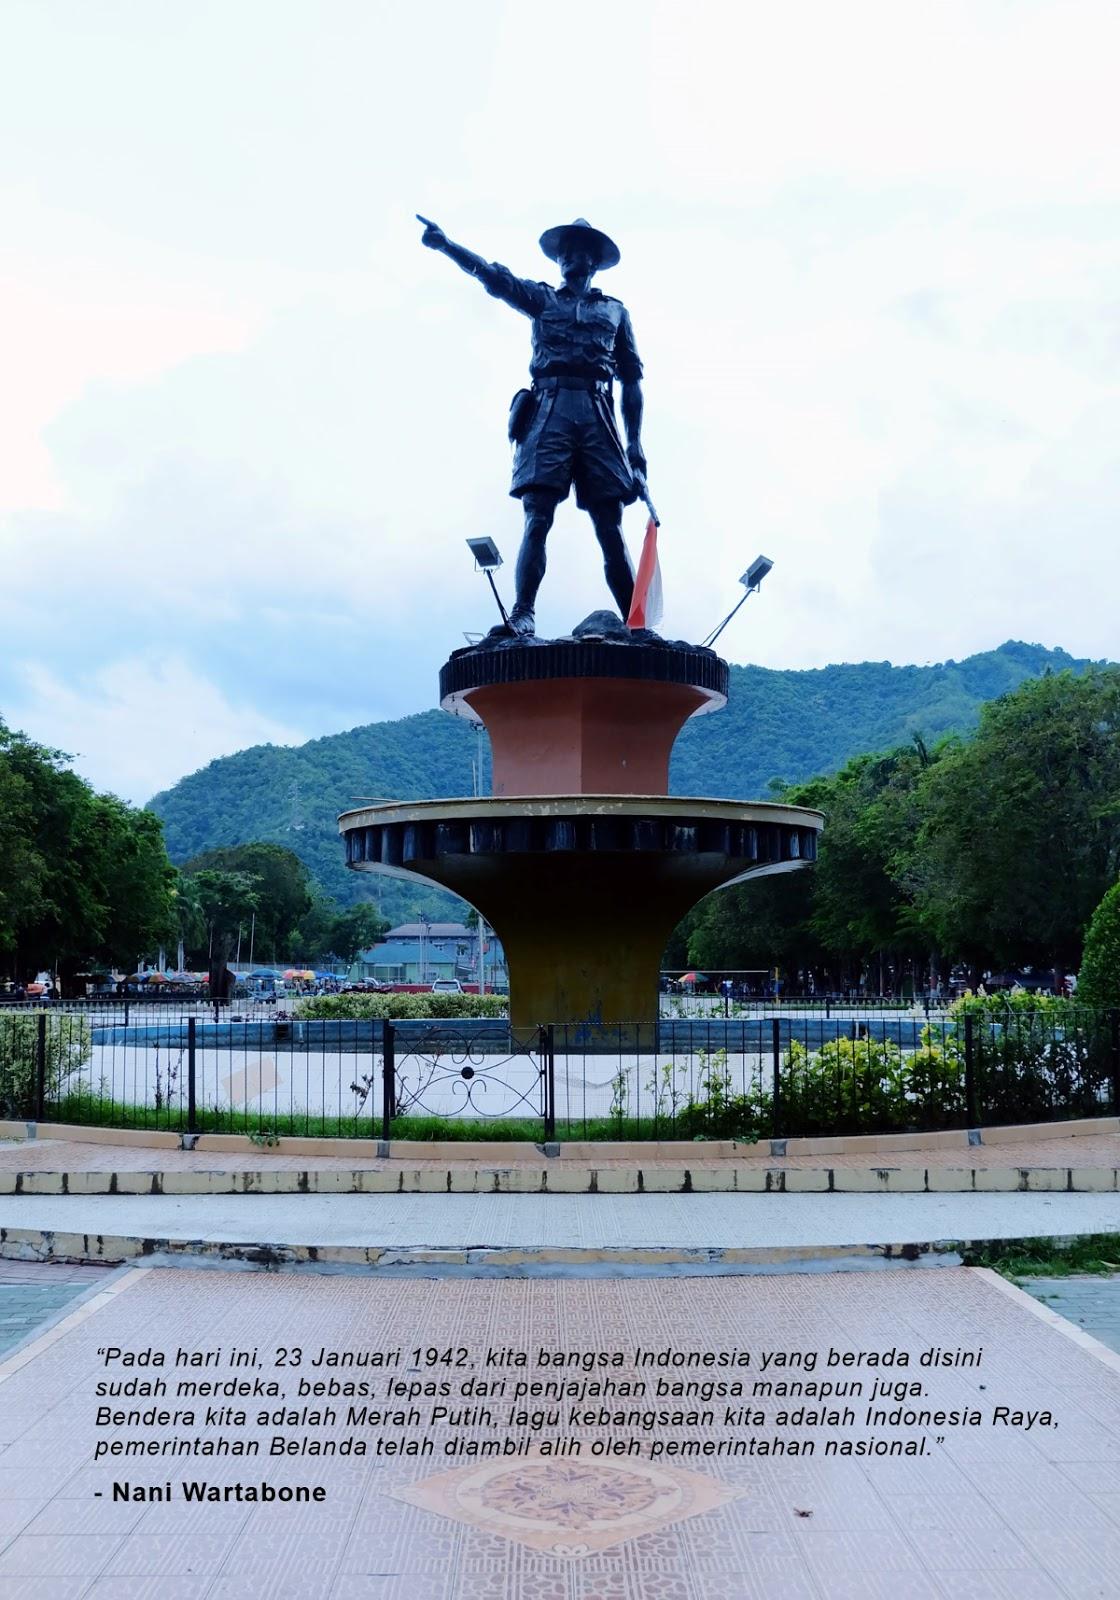 blogger-jogja-ajengmas-traveling-sulawesi-gorontalo-monumen-noni-wartabone